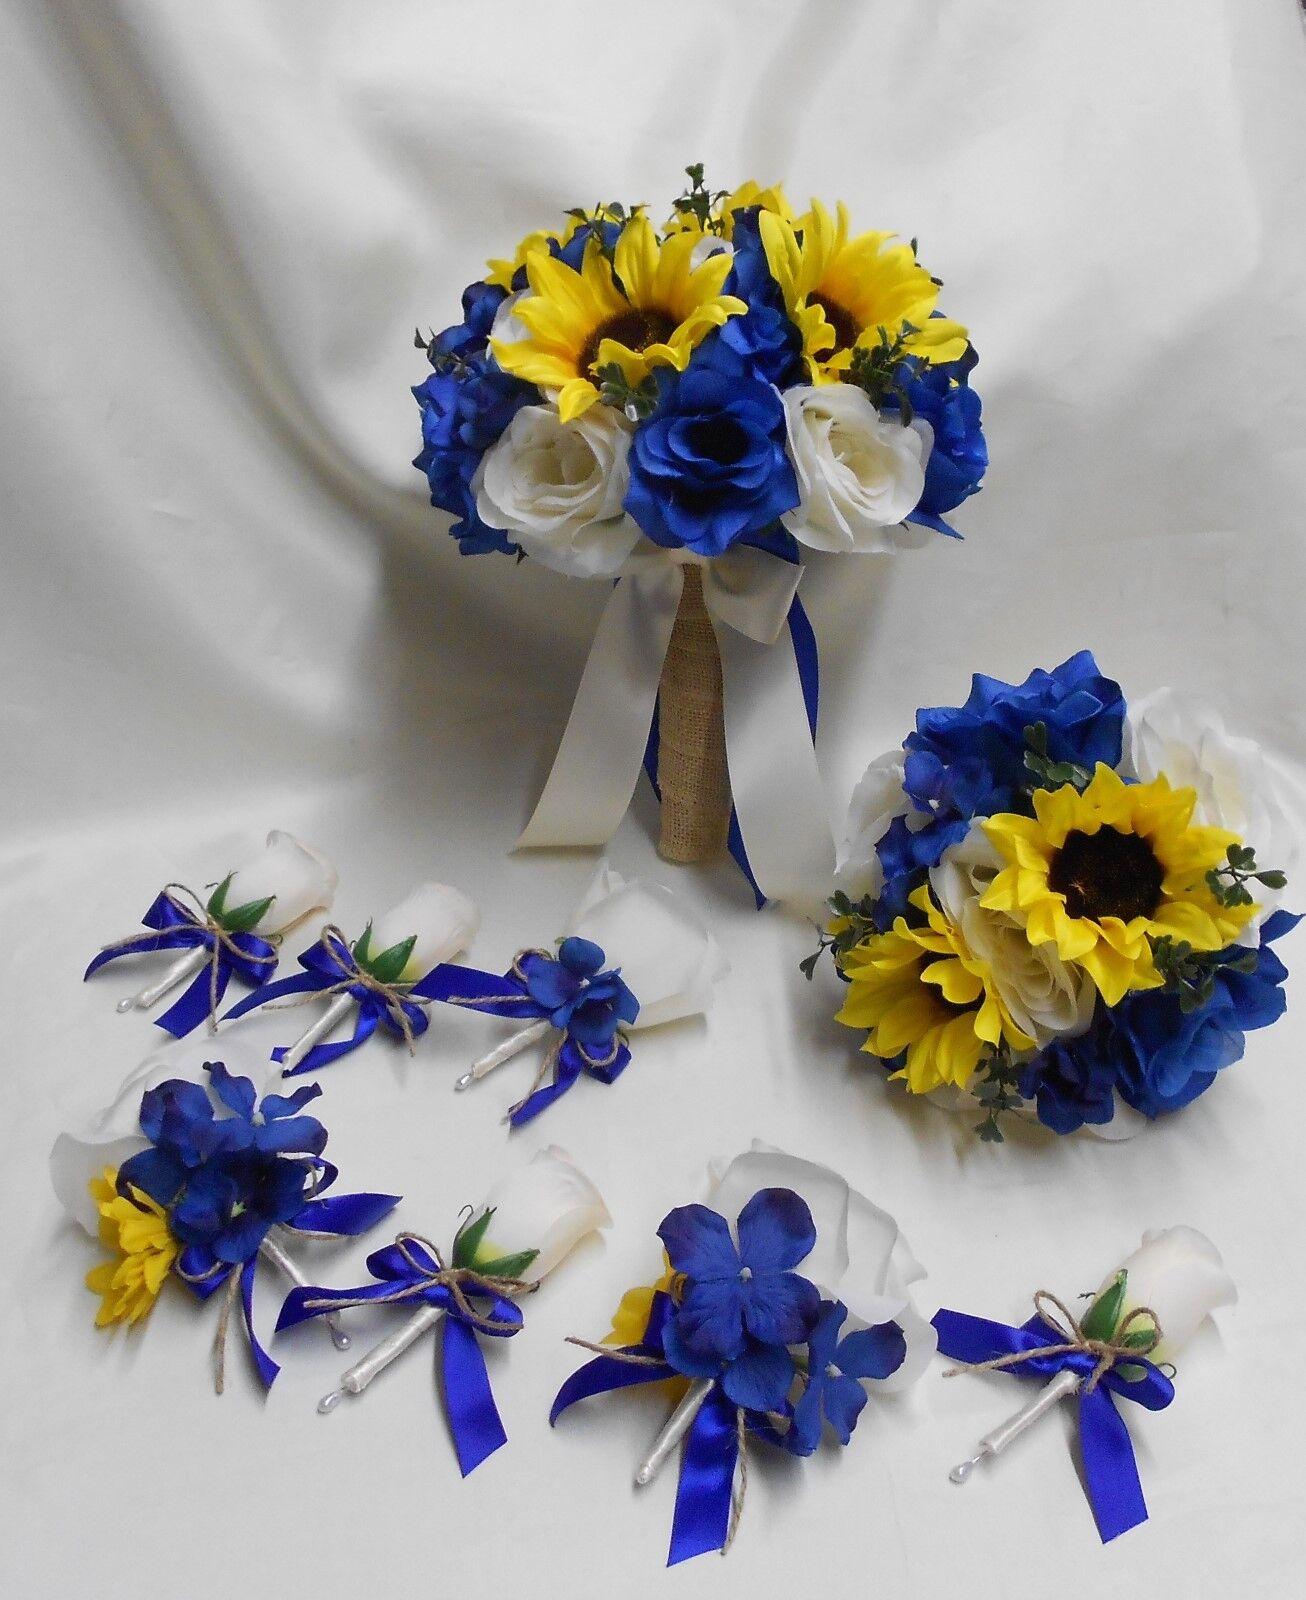 Rustique Paquet Soie Fleur Mariage Bridal Bouquet Tournesol Bleu Royal toile de jute